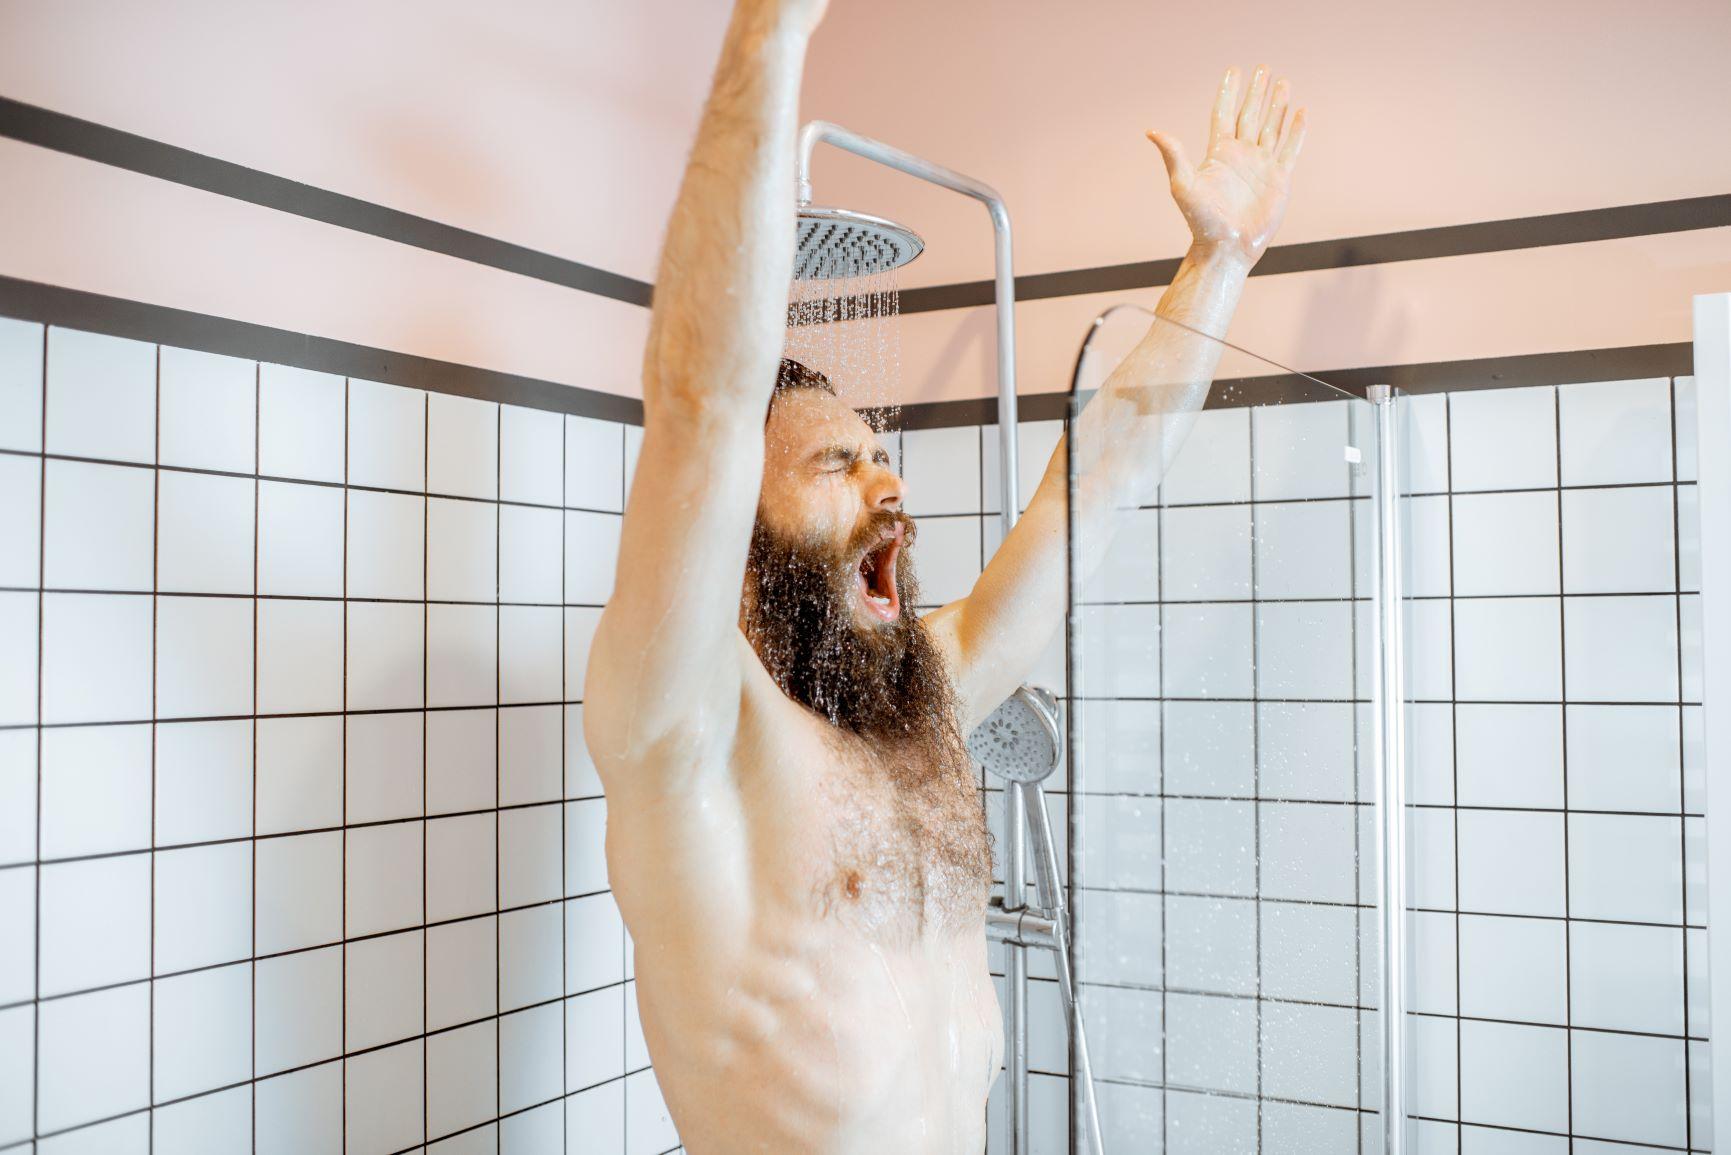 Cold Shower BN1 Magazine